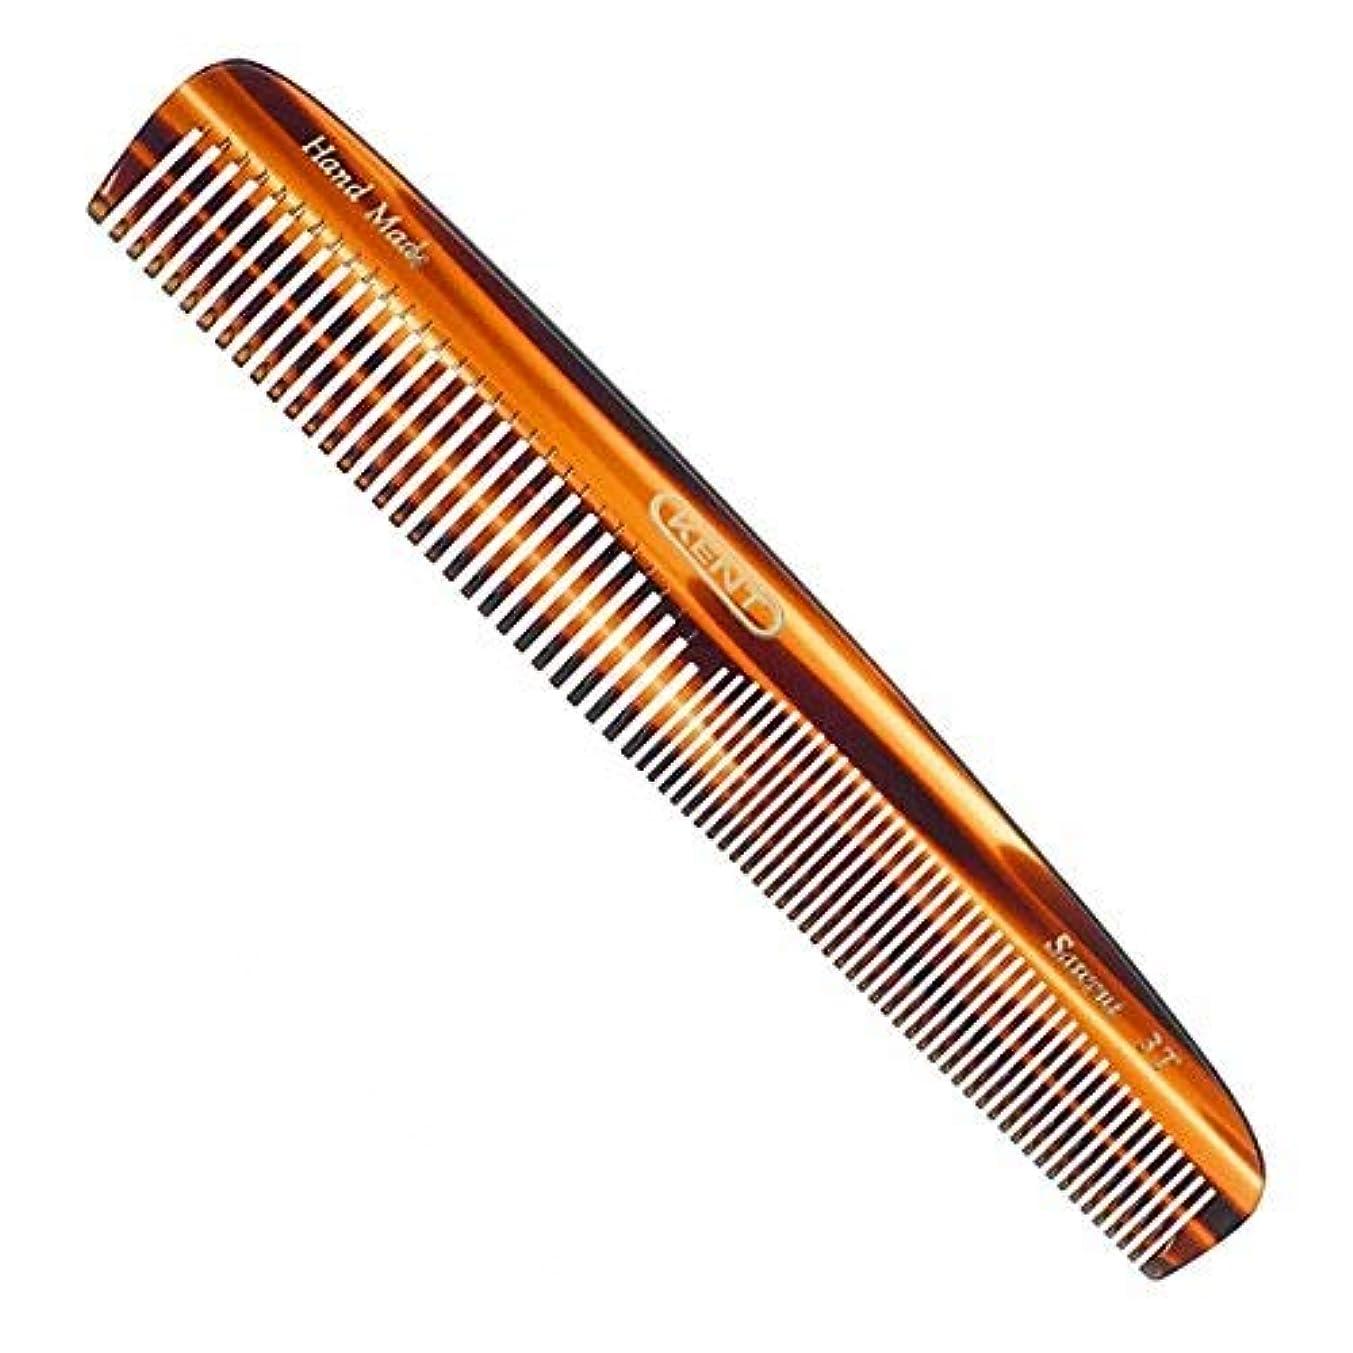 カンガルー熟達したシンプルさKent Handmade Saw Cut 148 Millimeter Coarse and Fine Tooth Dressing Comb, Hand Sawn Cellulose Acetate with Rounded Teeth, Faux Tortoiseshell Design, A 3T [並行輸入品]